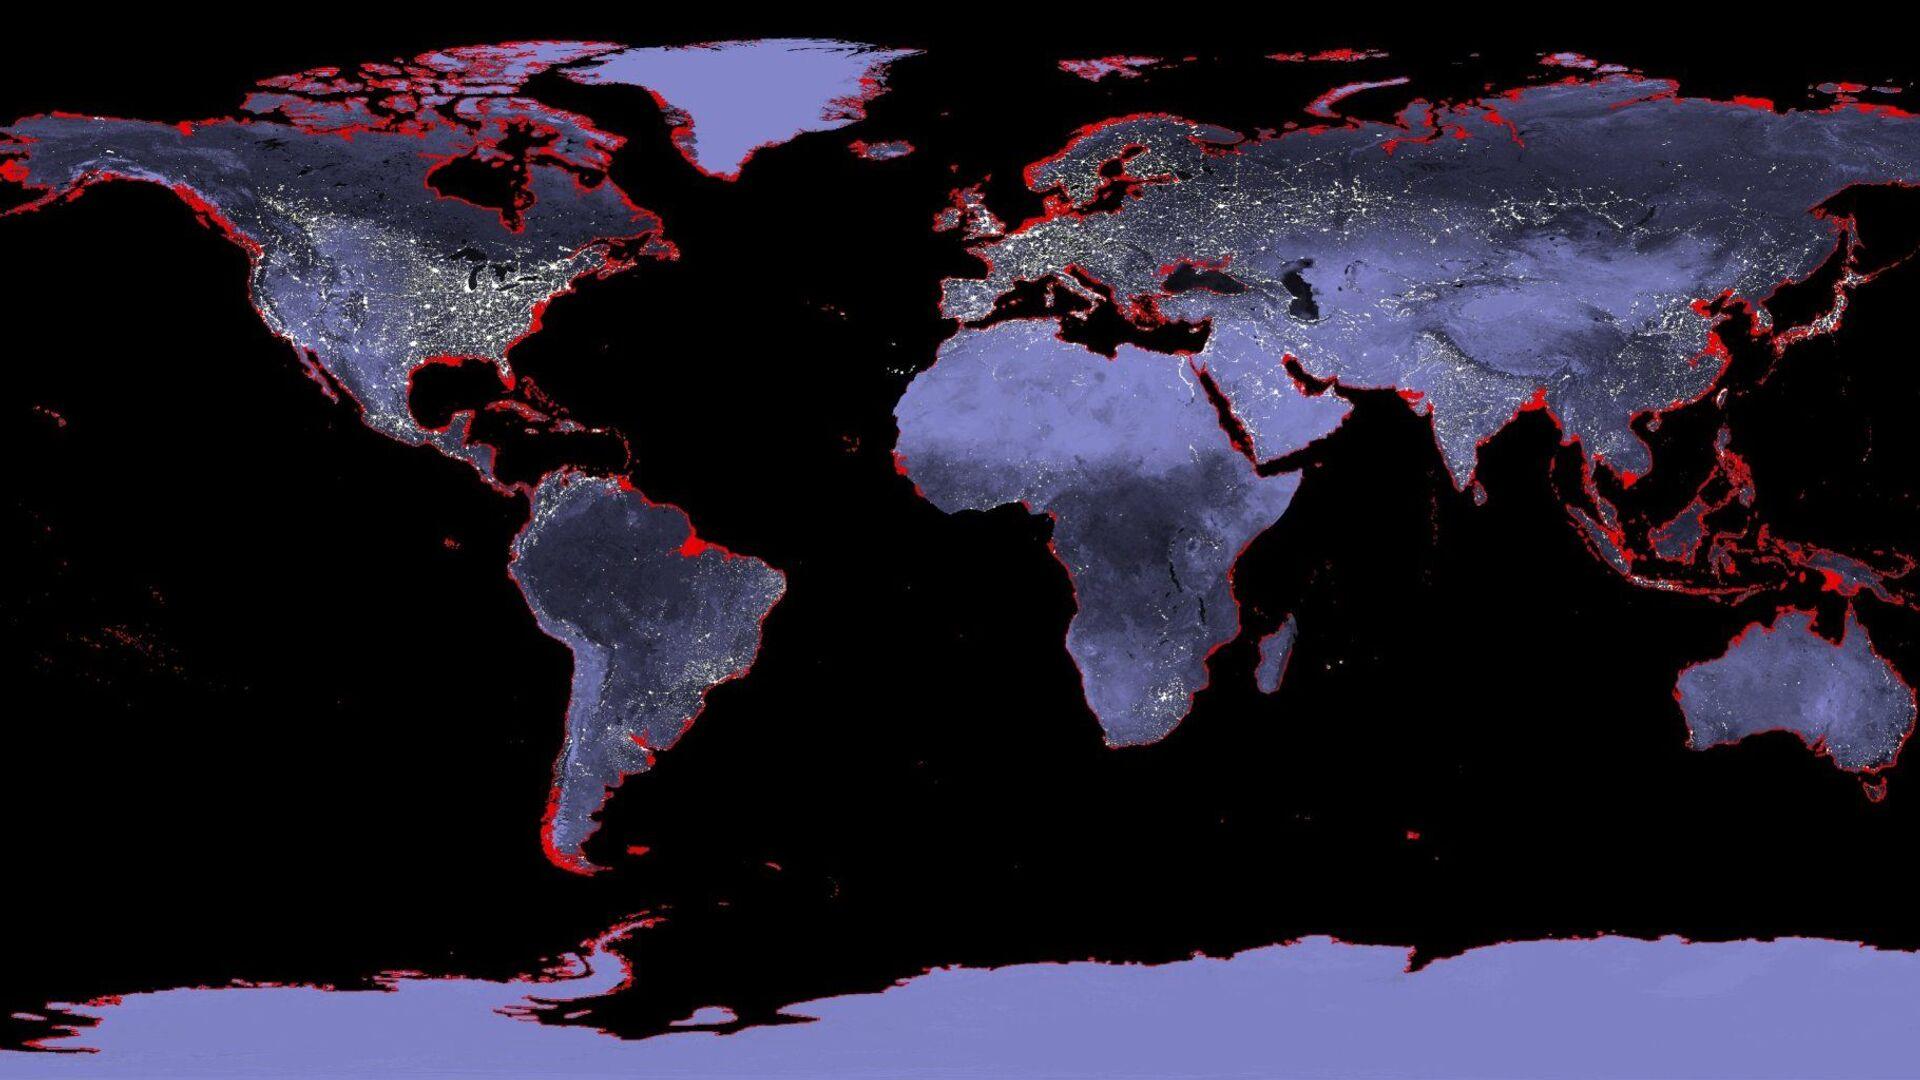 Mapa del mundo con una proyección de la subida del nivel del mar - Sputnik Mundo, 1920, 18.08.2021